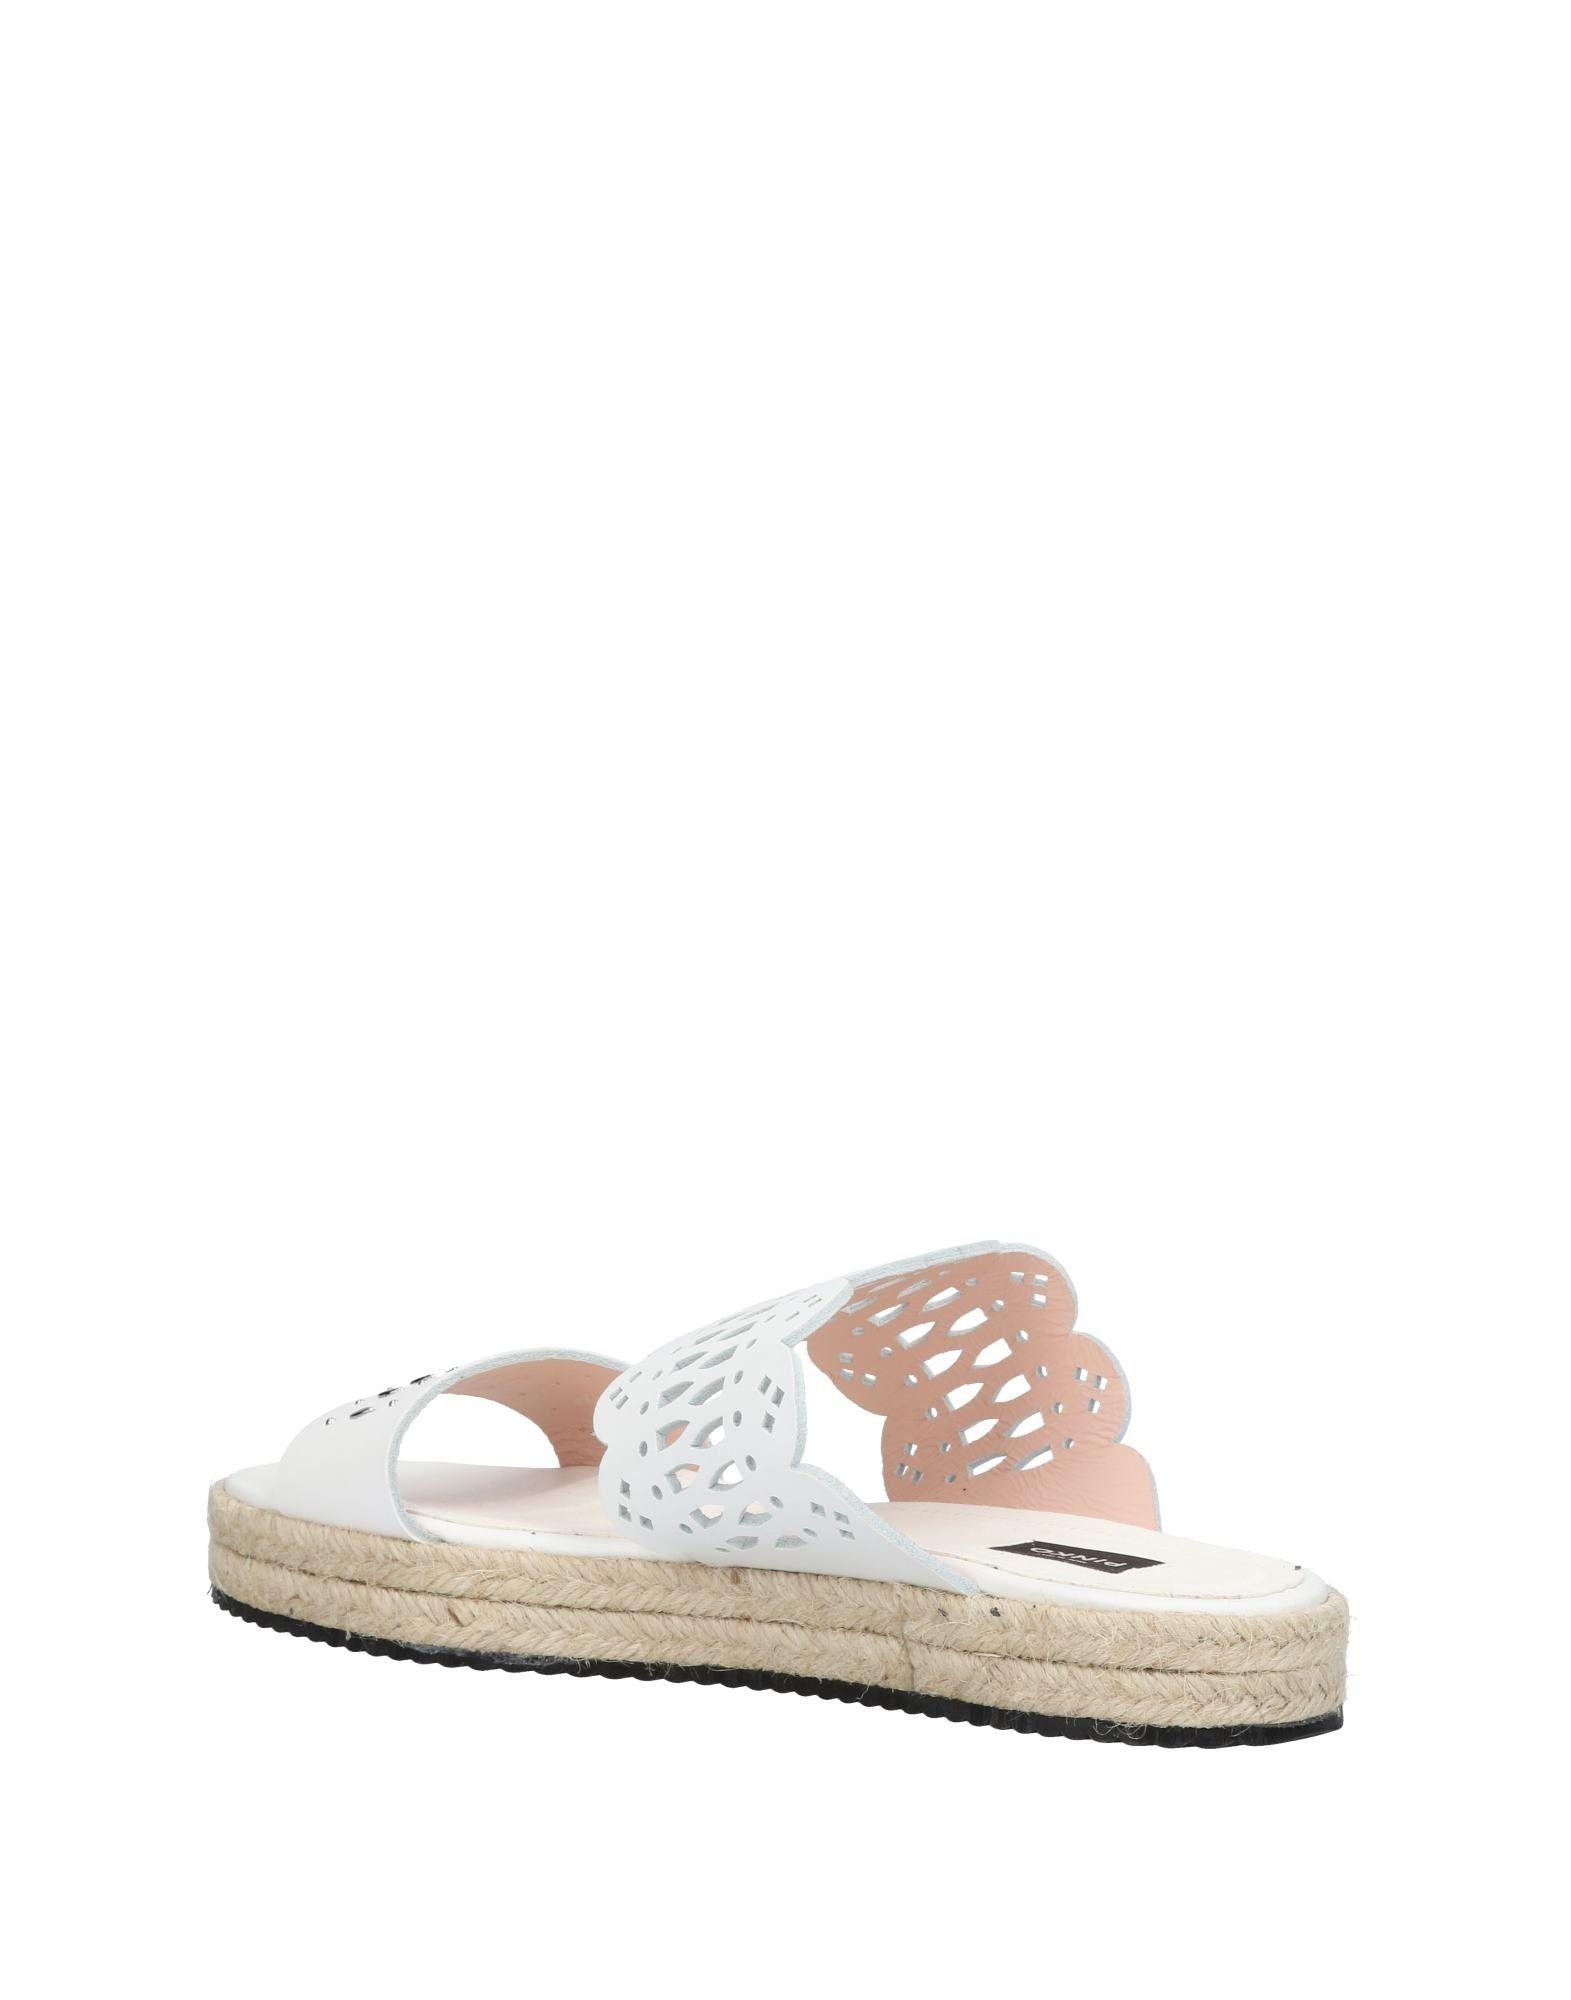 Damen Pinko Sandalen Damen   11457026JB Heiße Schuhe da5ff5